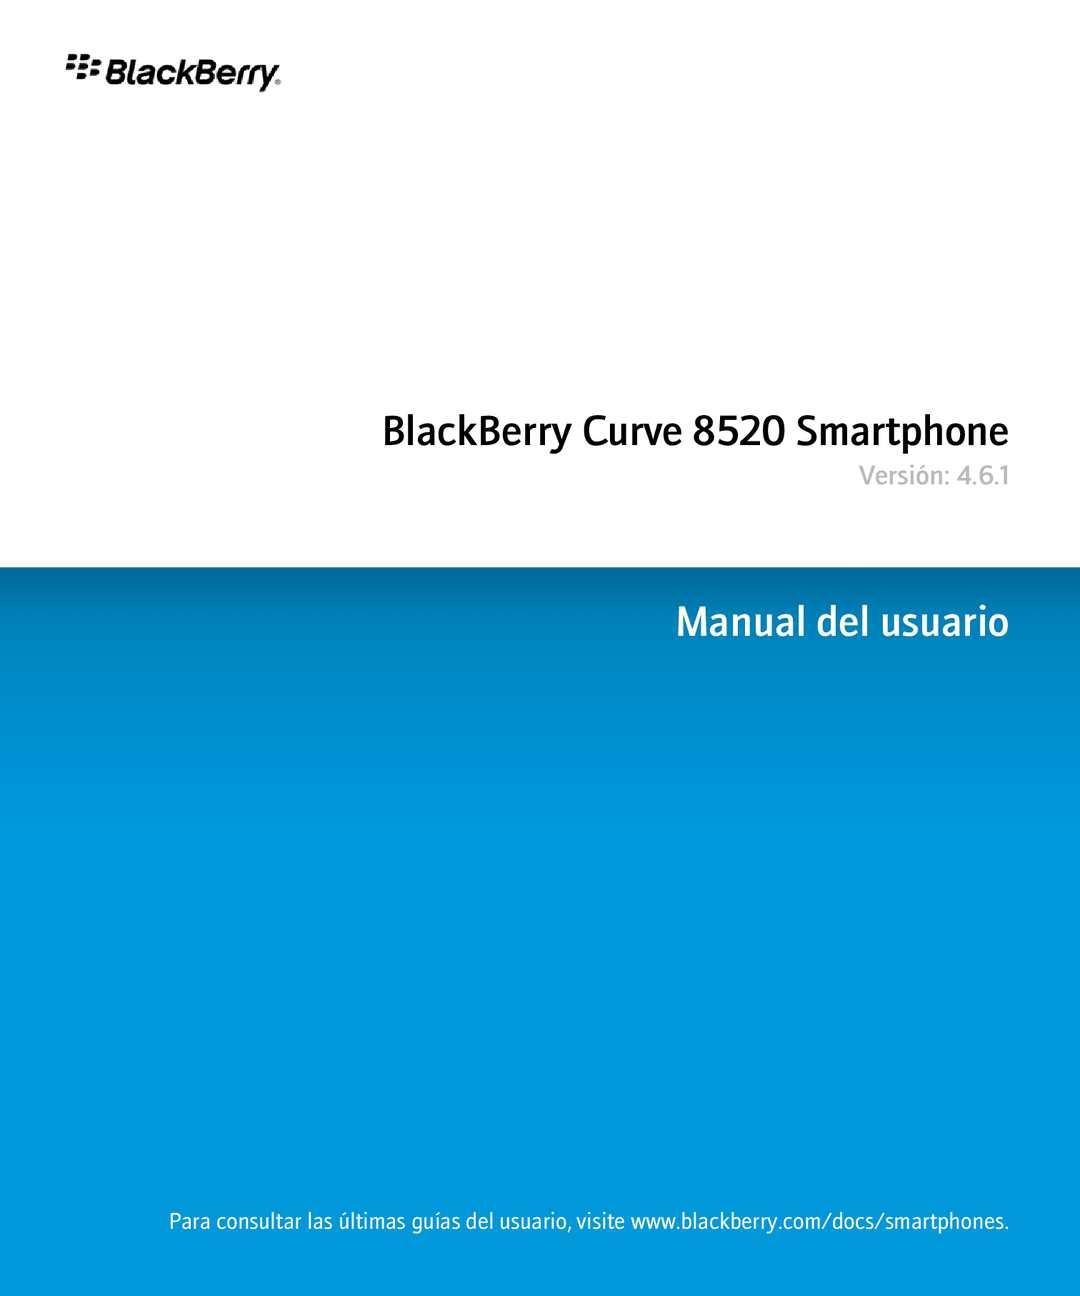 Calaméo - BlackBerry Curve 8520 Smartphone manual de usuario